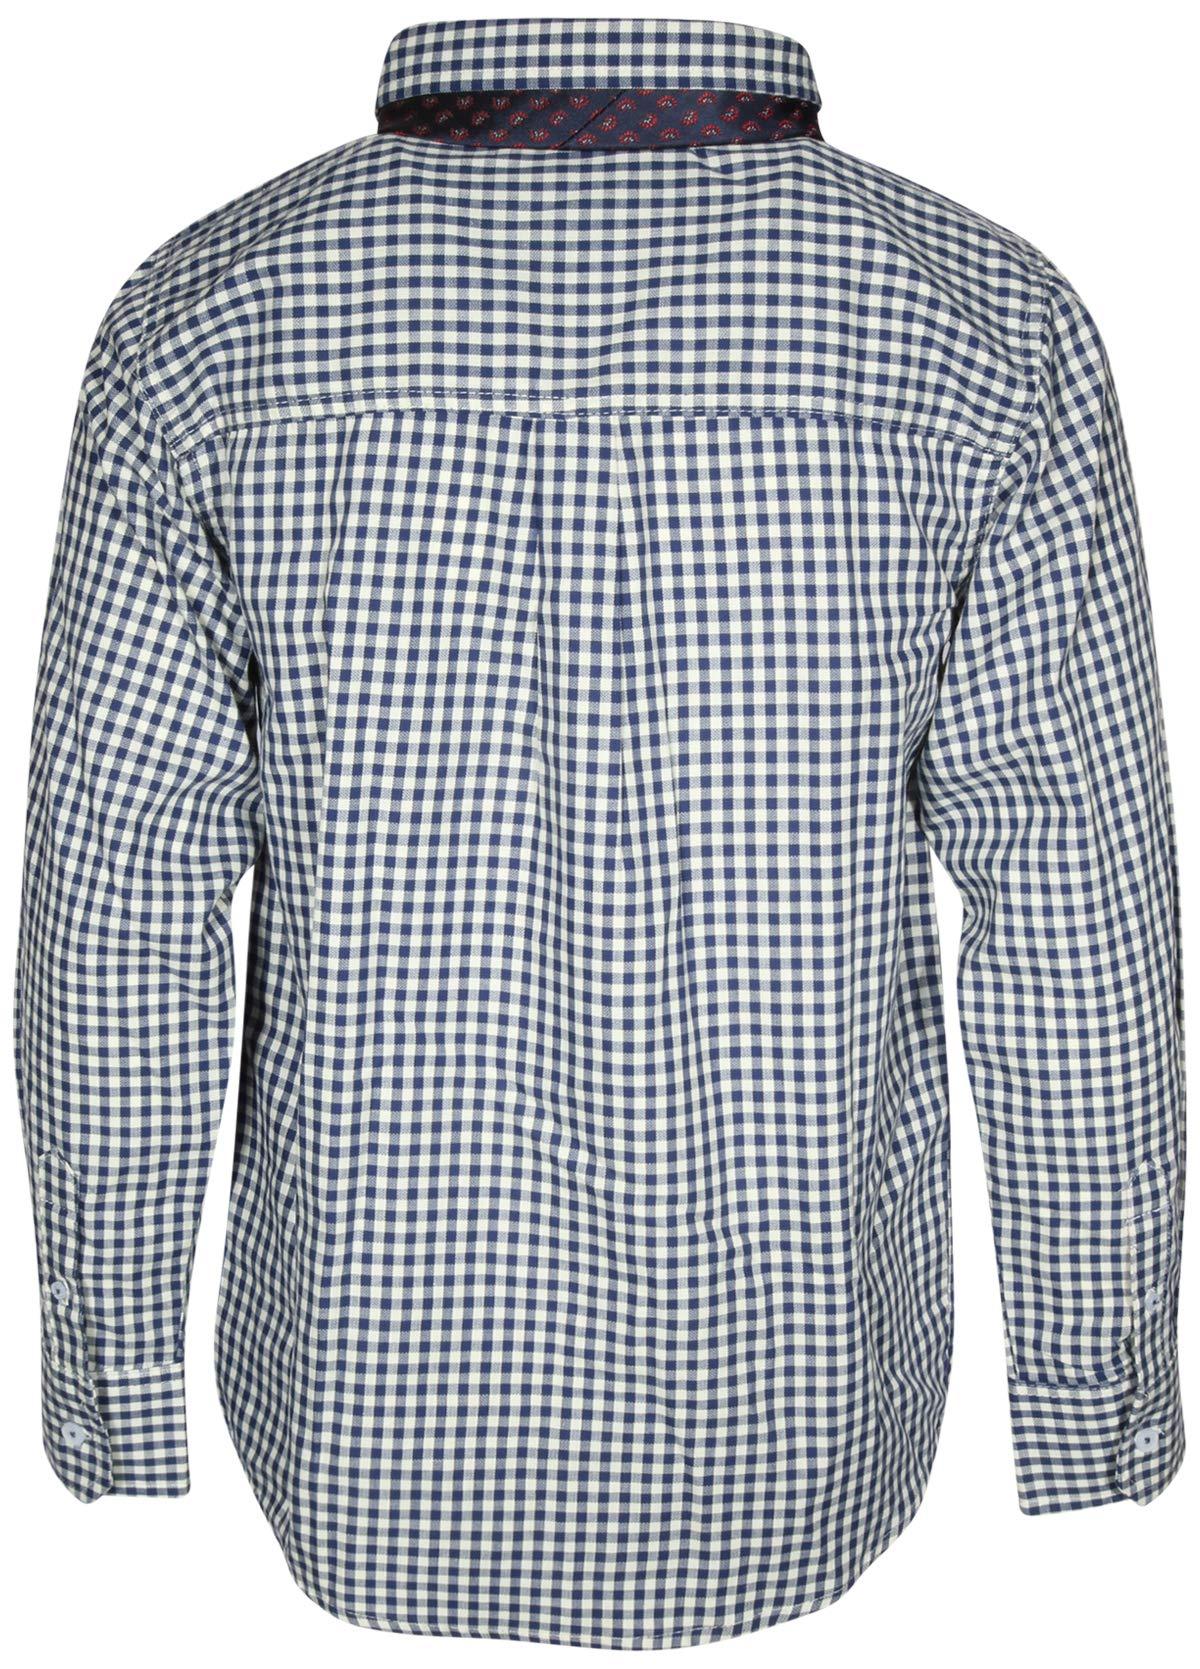 Ben Sherman Boys Long Sleeve Shirt Tie Set, White Plaid, Size 5' by Ben Sherman (Image #3)